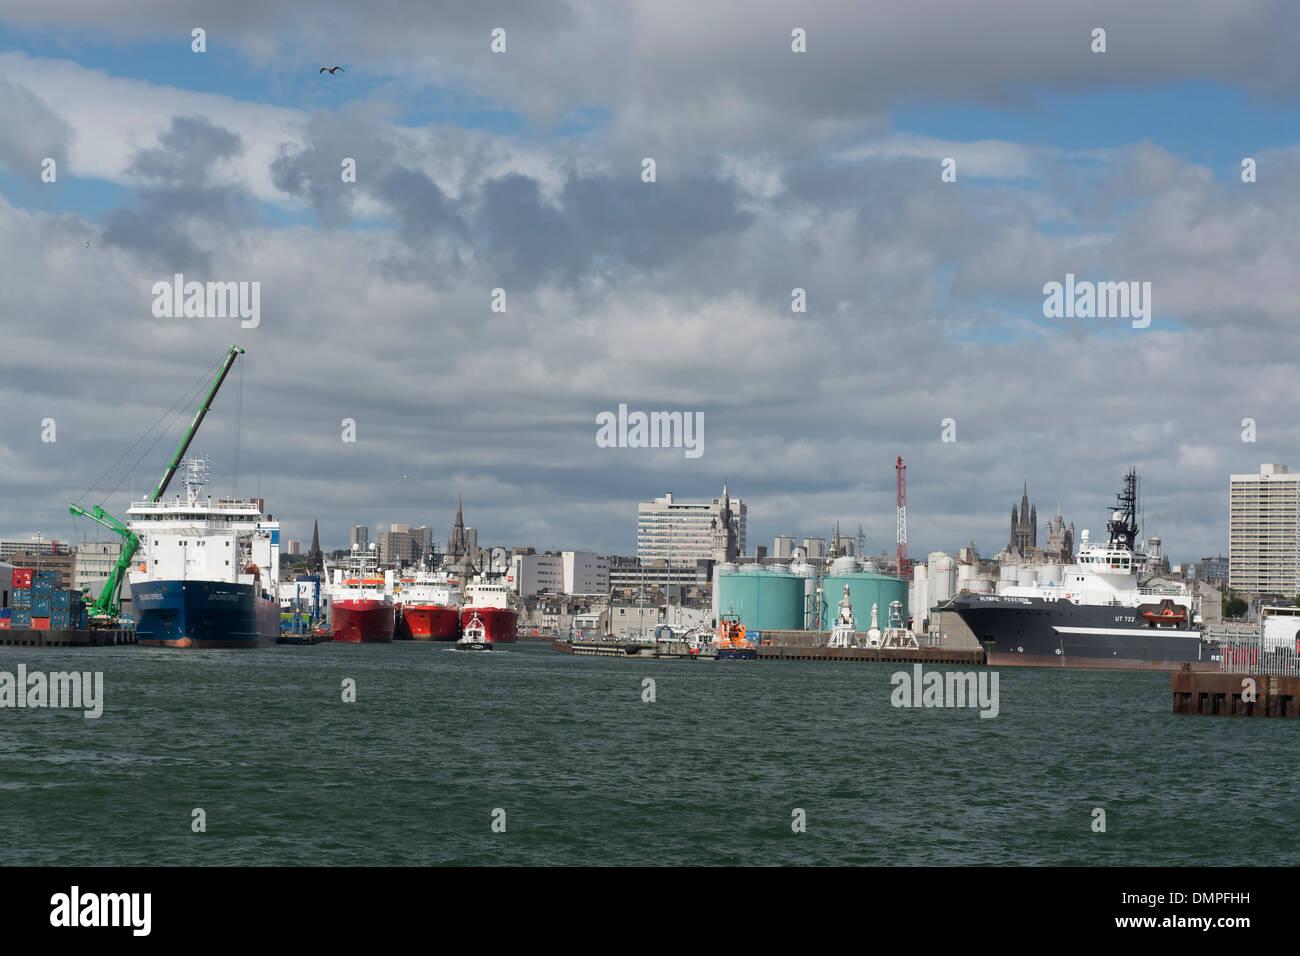 La pesca di ingegneria offshore Servizi di alimentazione dock sondaggio Immagini Stock